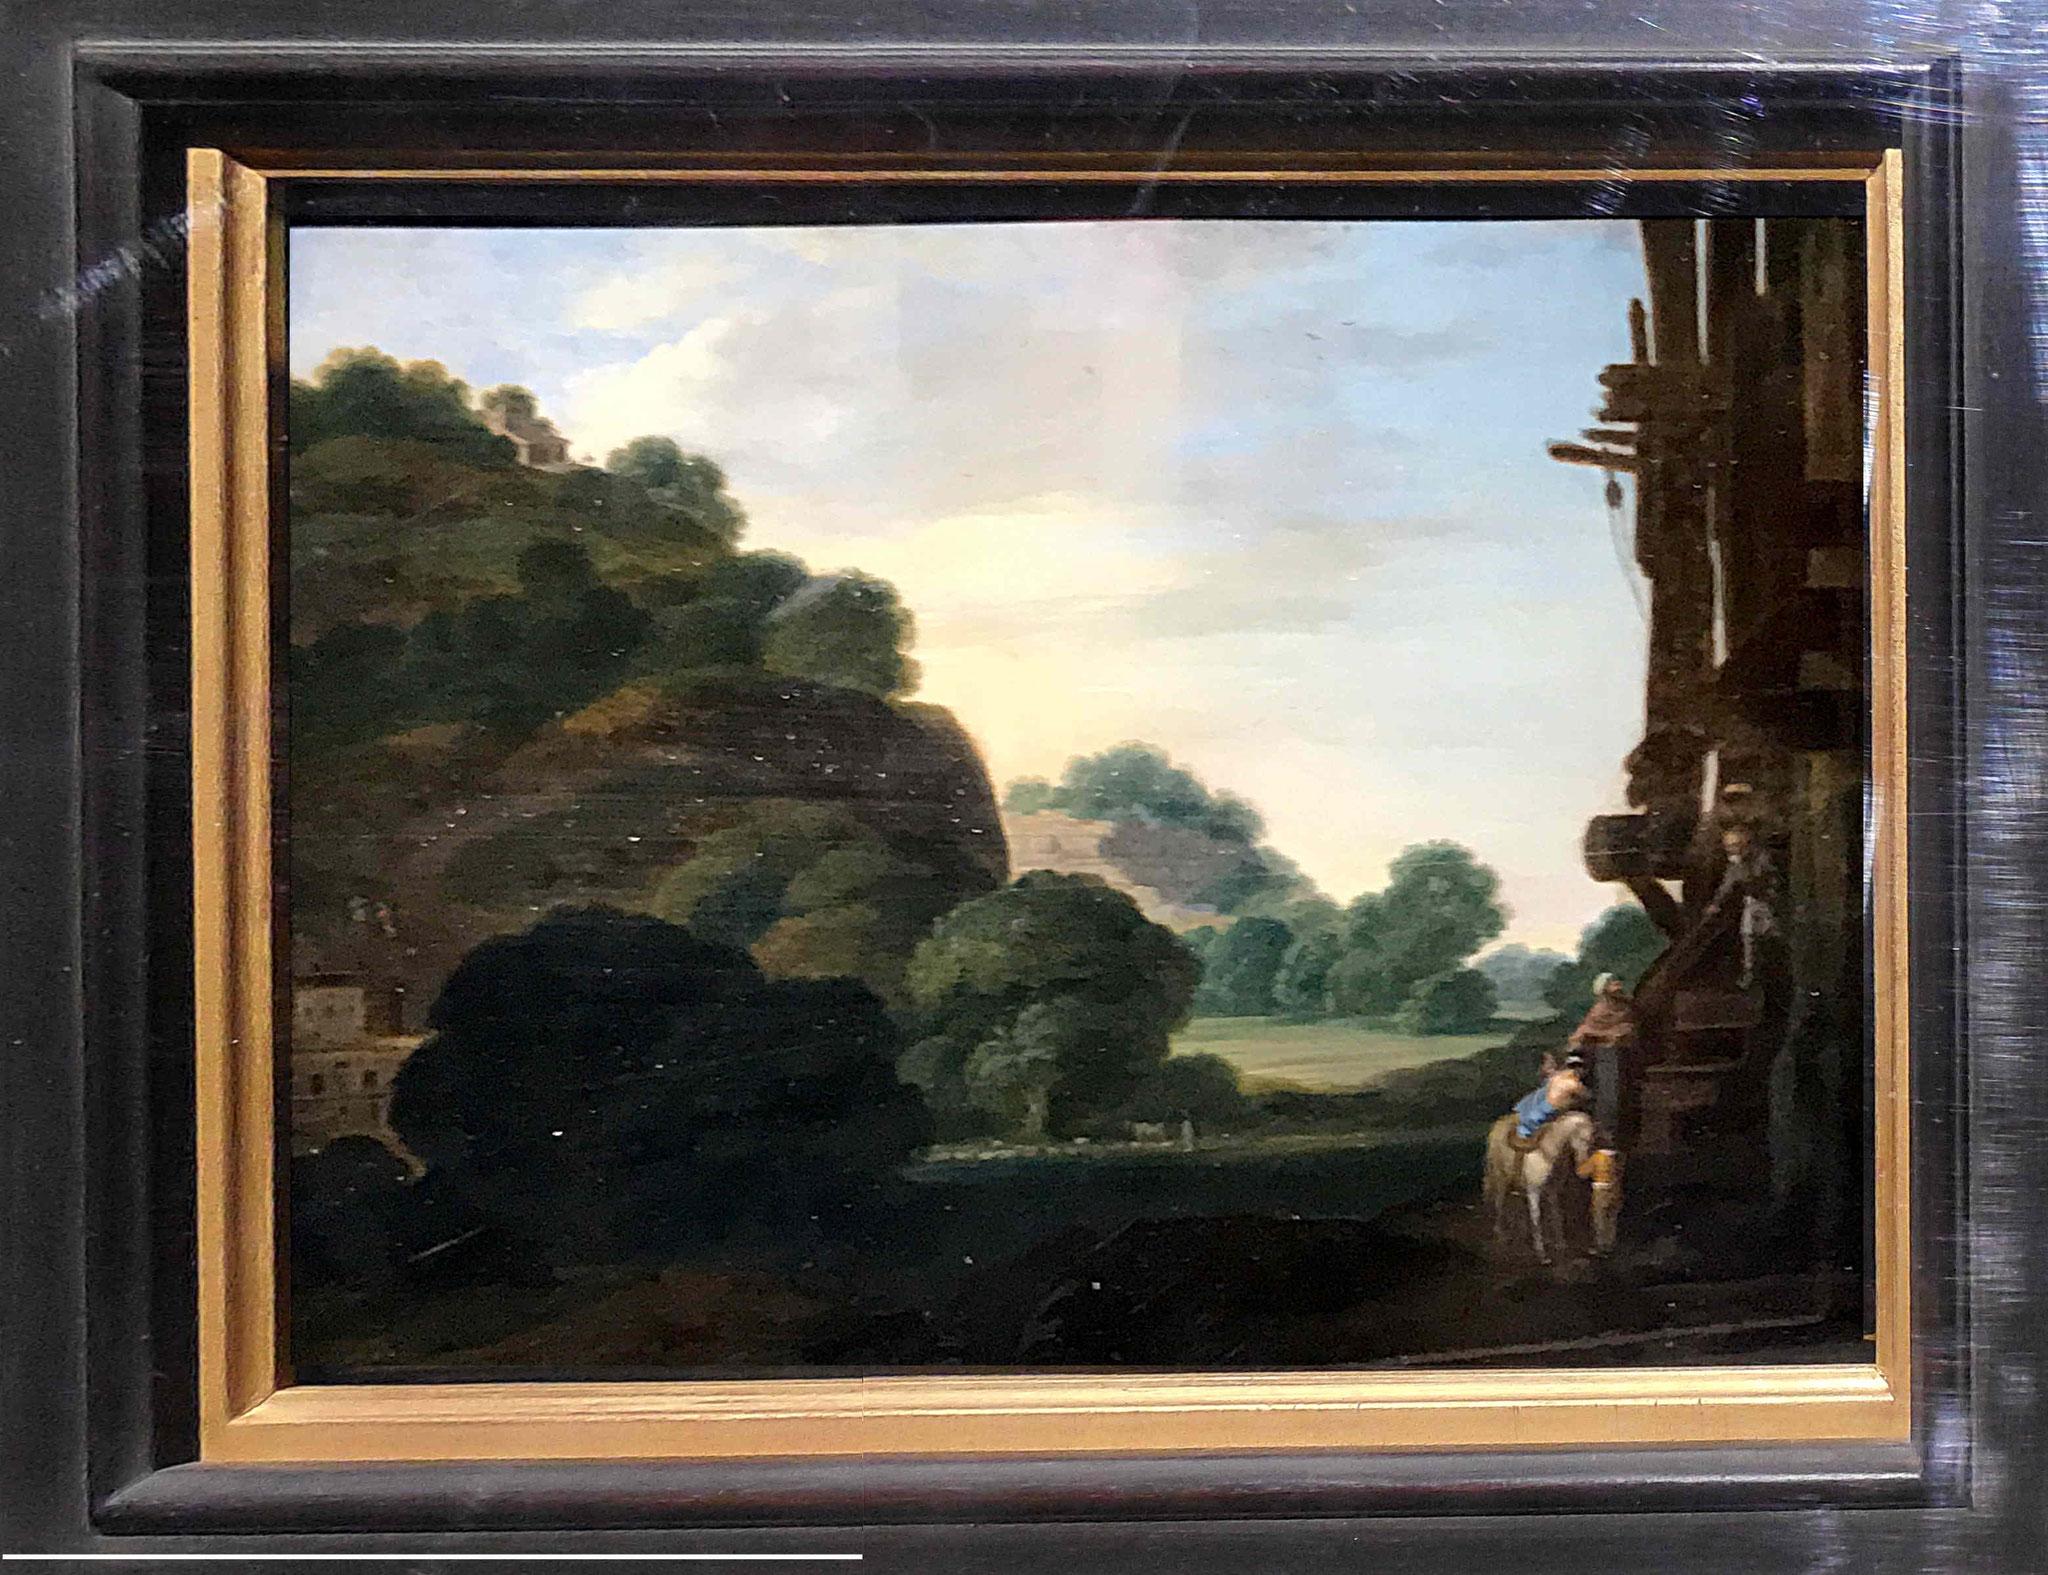 Saraceni Carlo, Le bon Samaritain, huile sur cuivre, vers 1605 : La fère, musée Jeanne d'Aboville